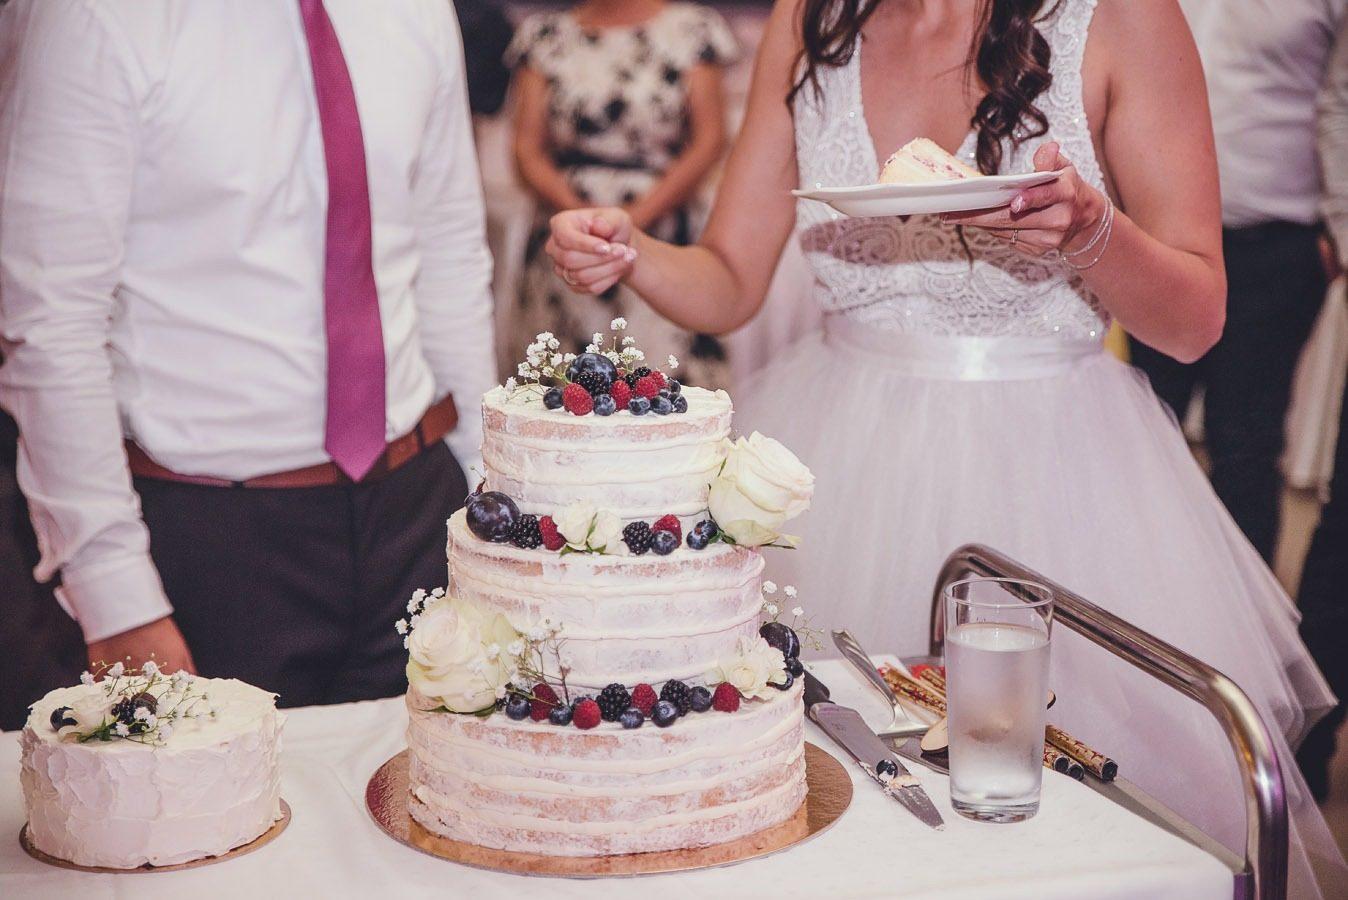 ,valódi esküvők,esküvő,esküvői ruha,menyasszonyi ruha,daalarna ruha,daalarna,esküvő,esküvői beszámoló,etyek,szabadtéri esküvő,sátoros esküvő,